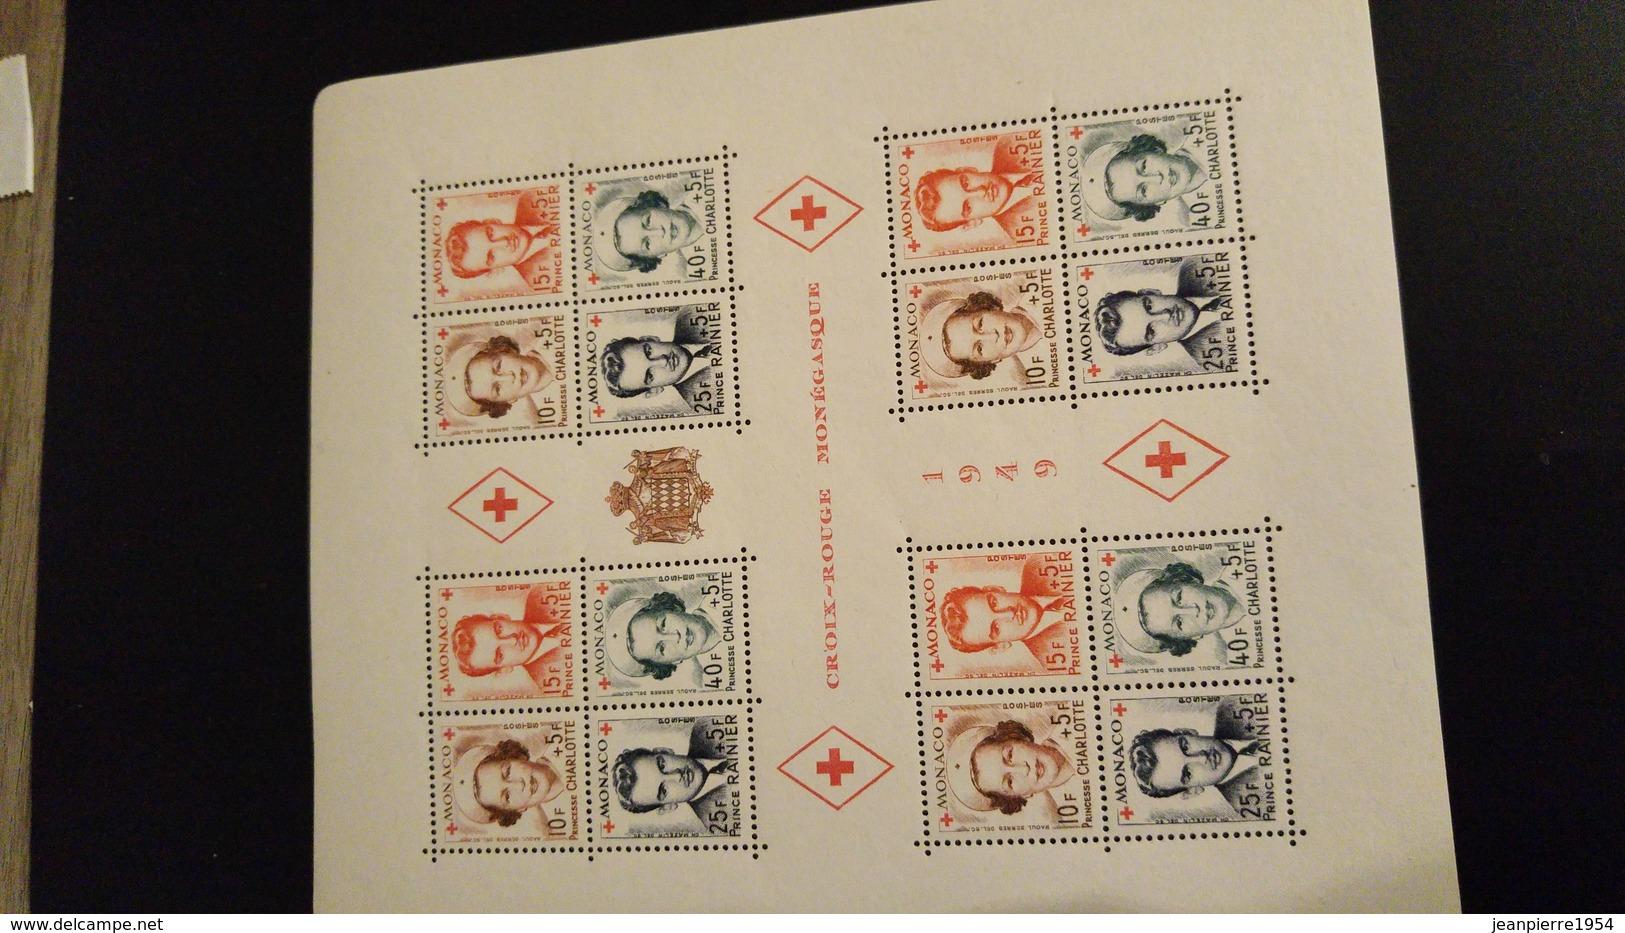 Monaco Neuf Xx - Stamps